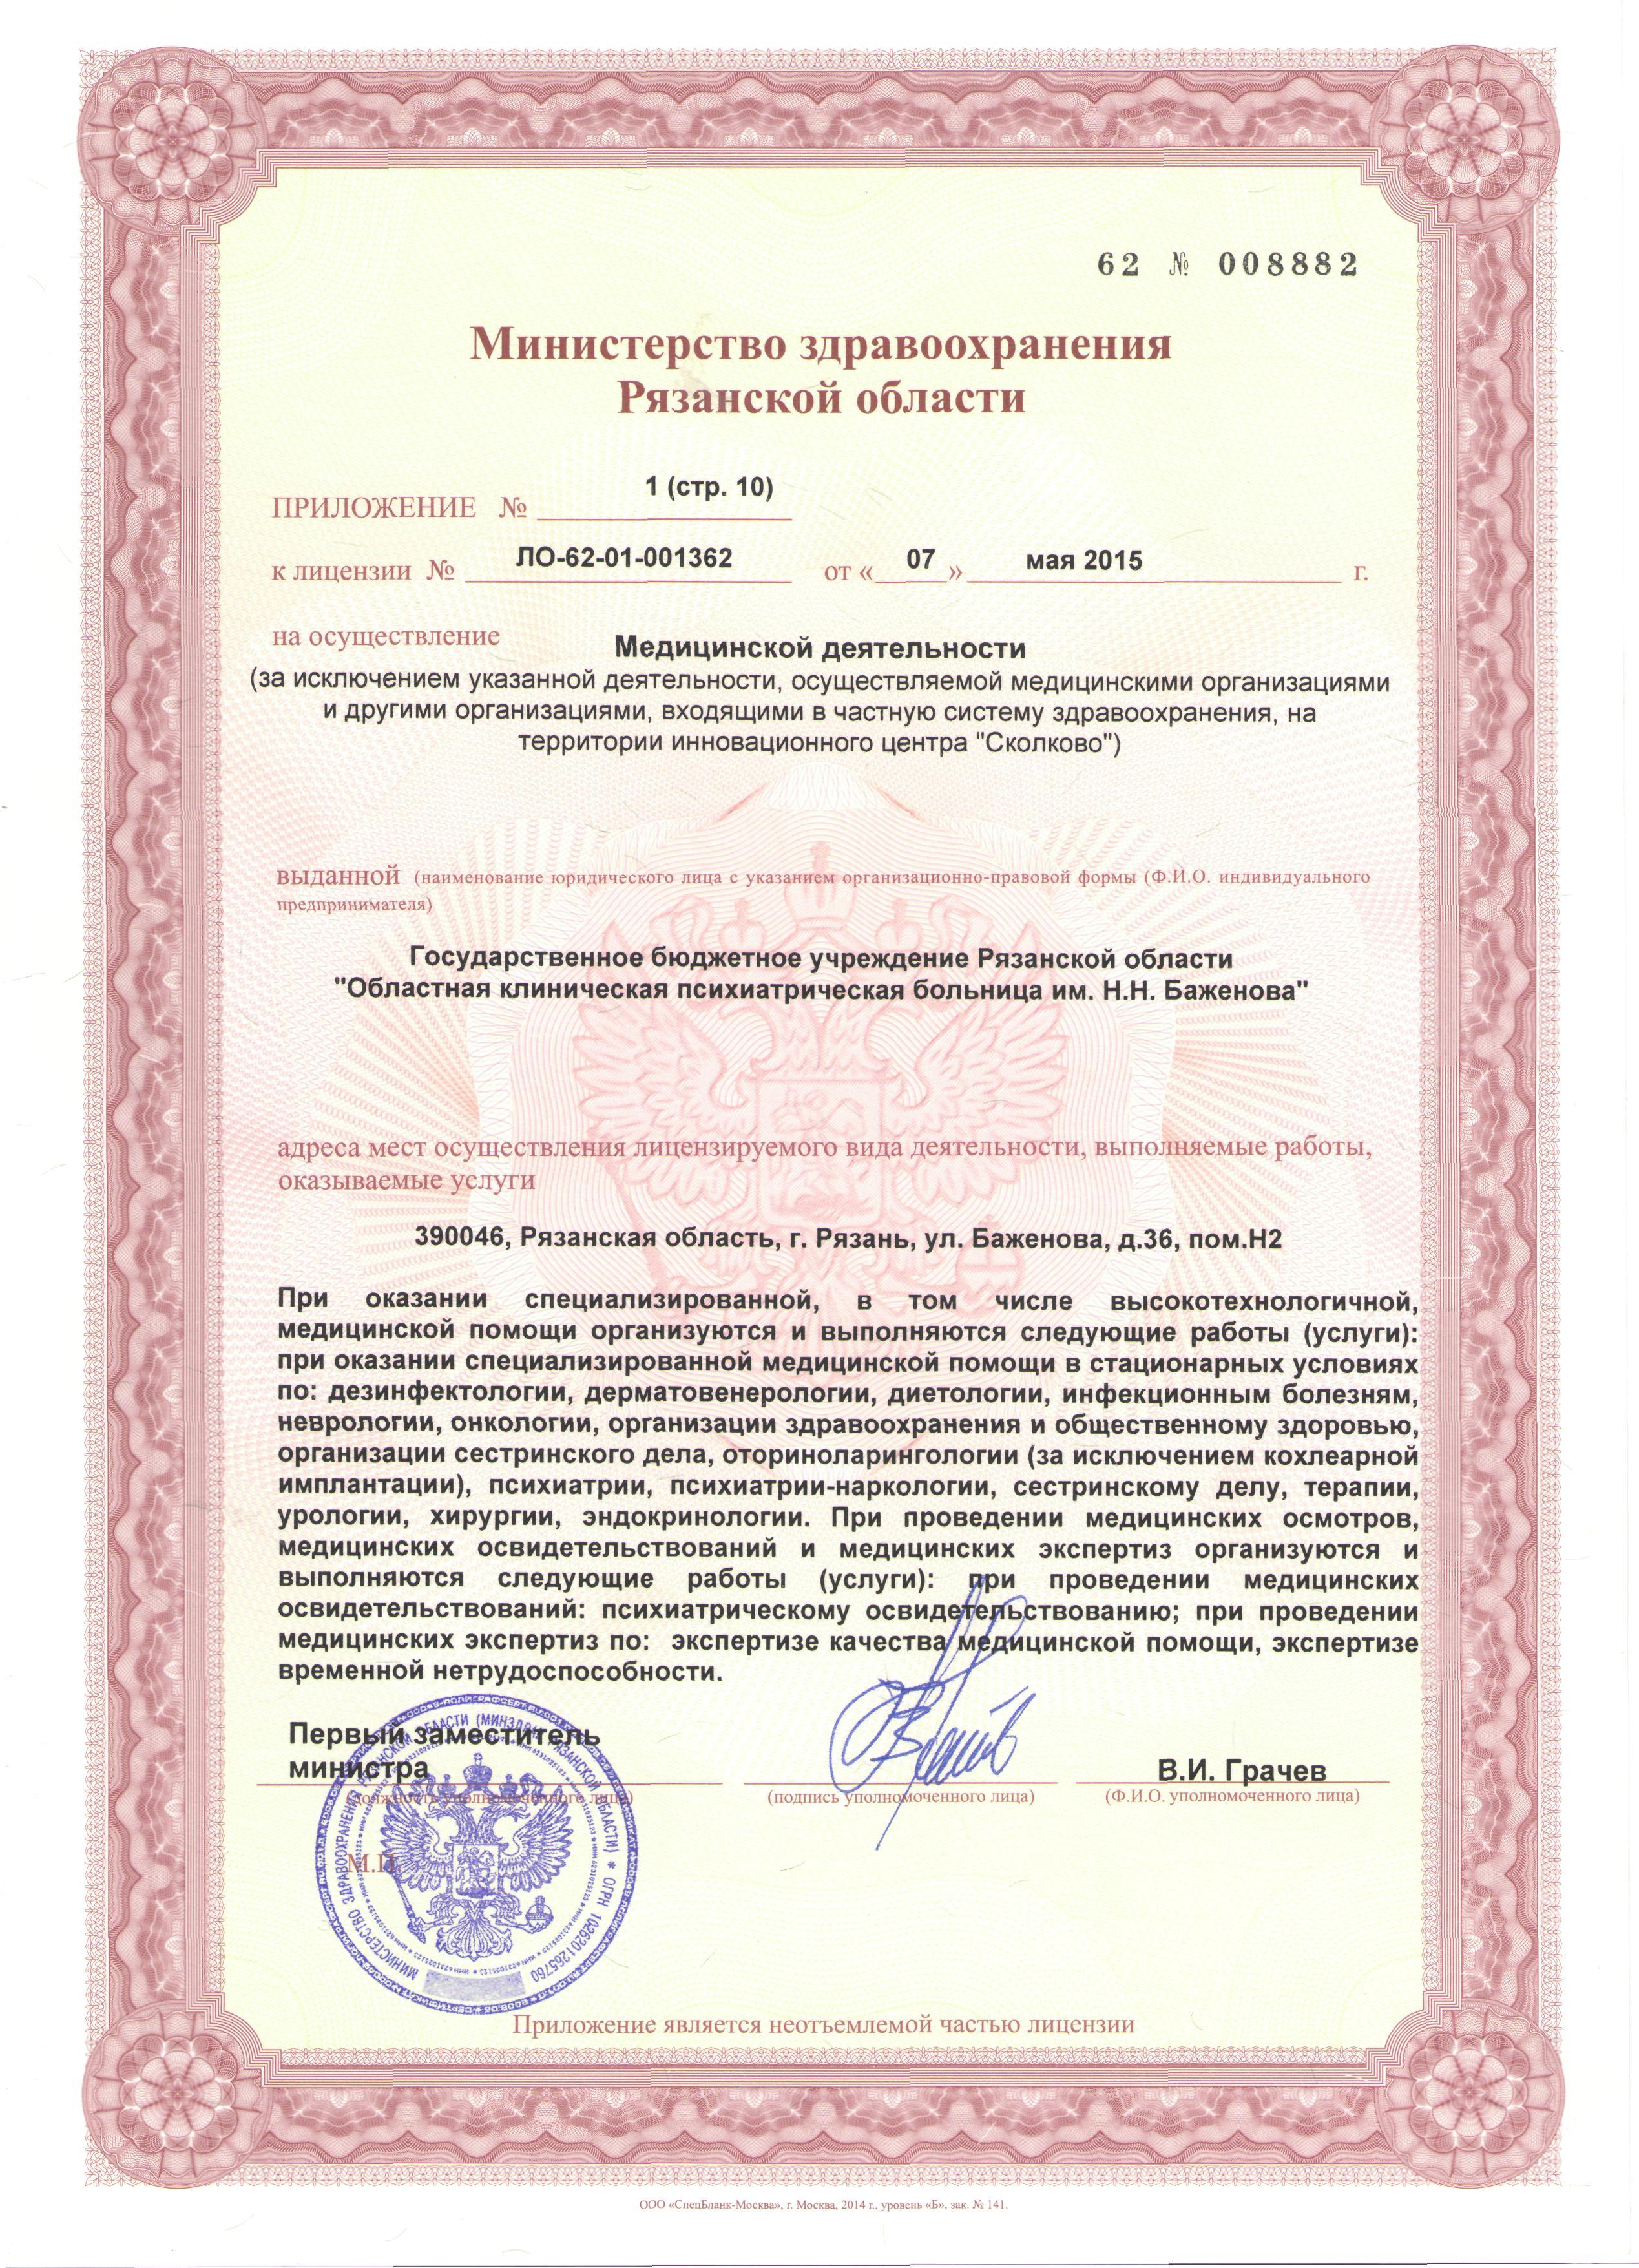 Детские стоматологические поликлиники санкт петербурга